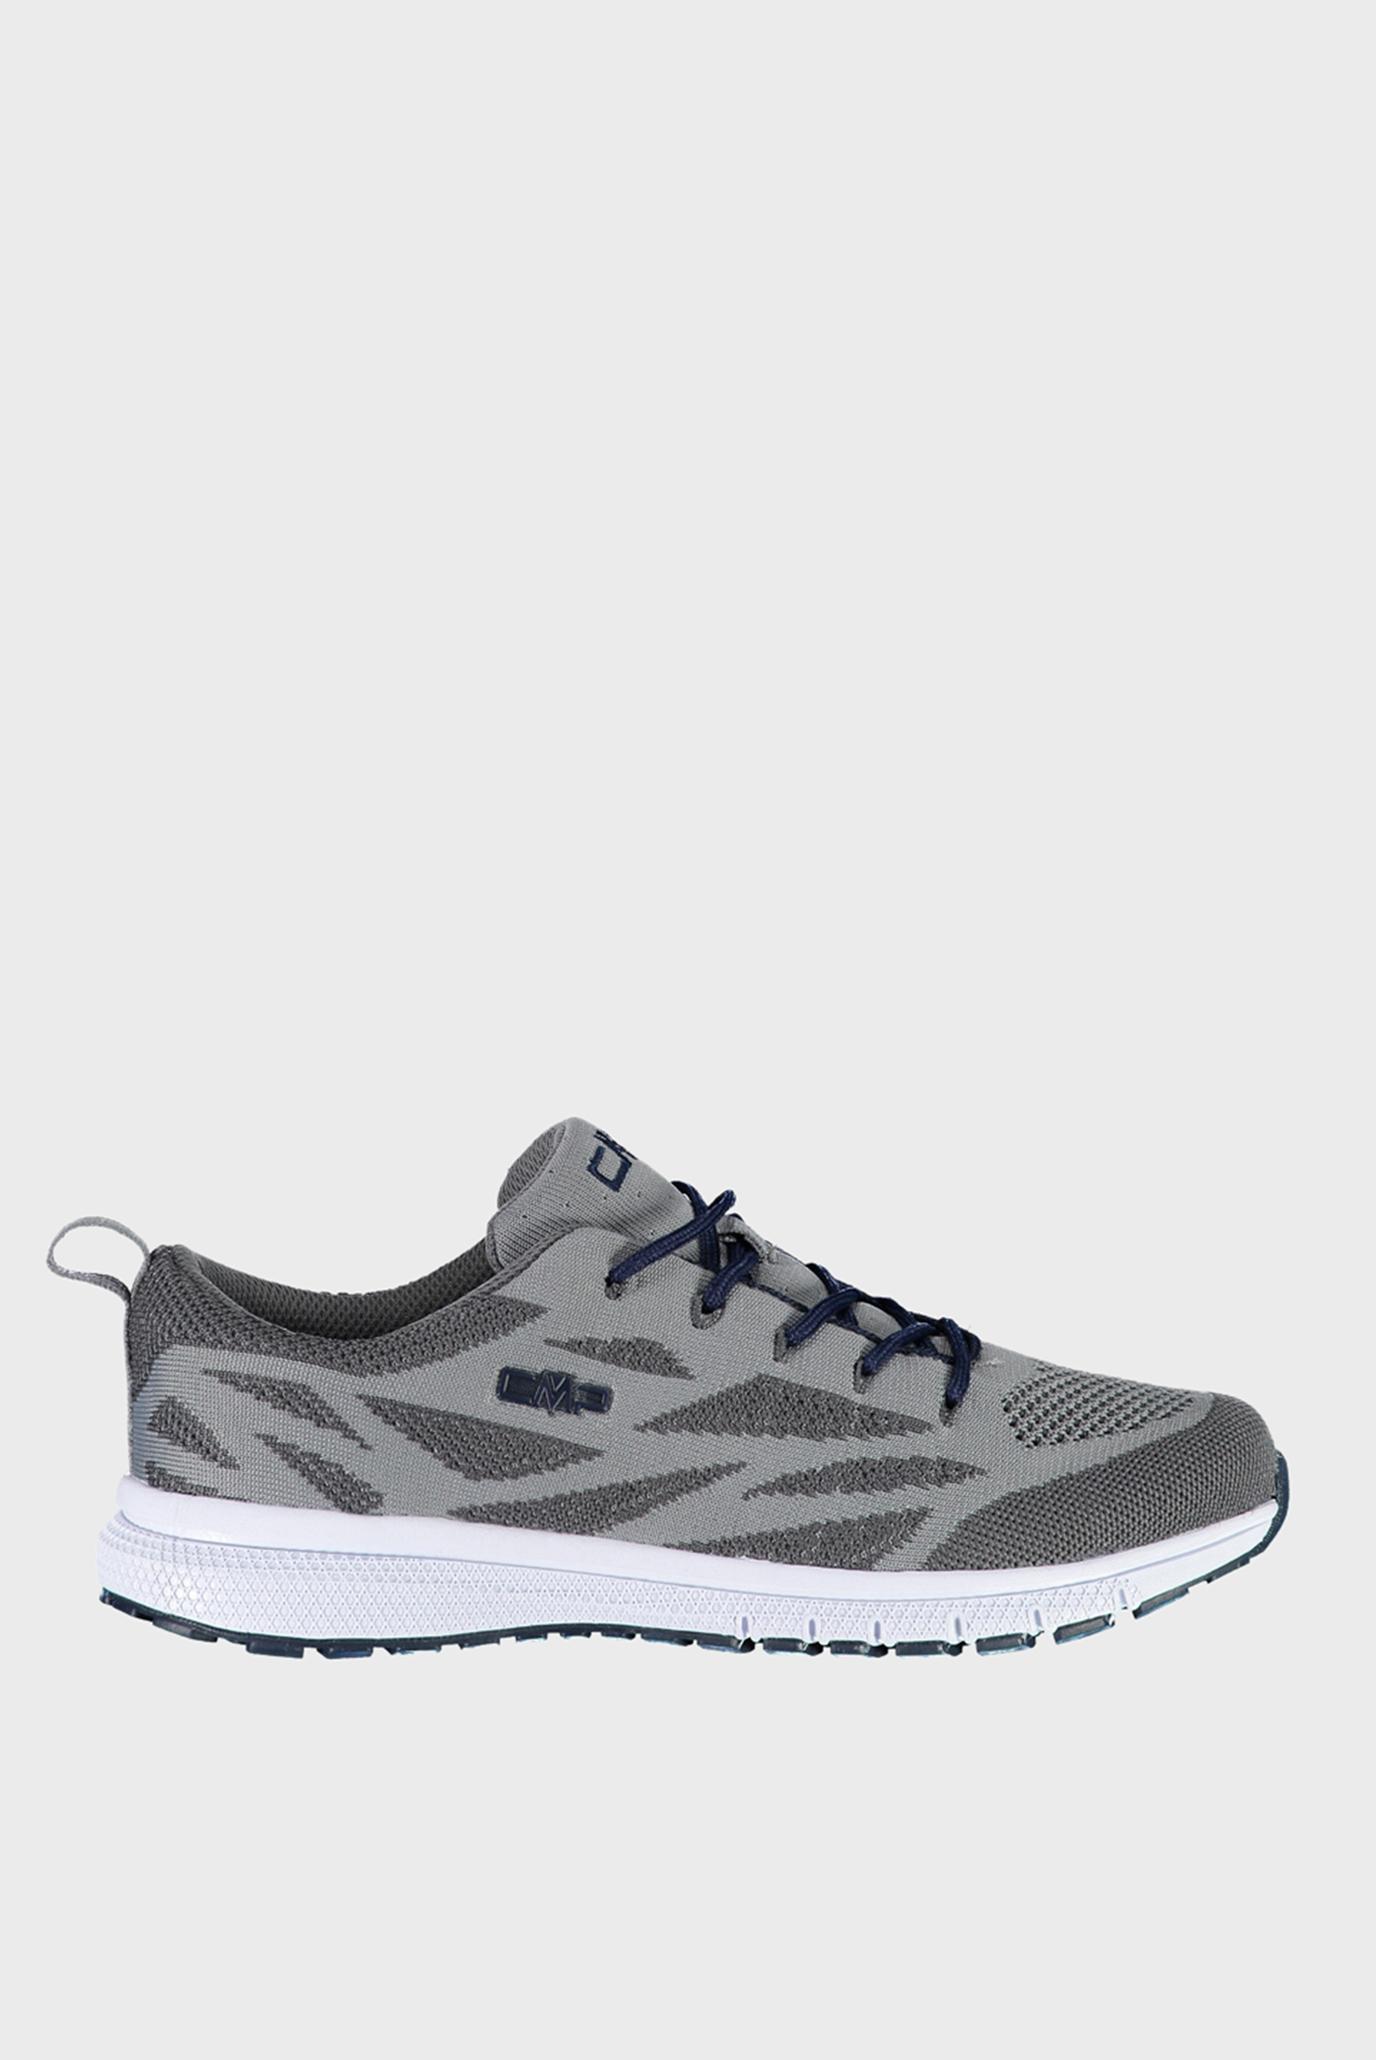 Чоловічі сірі кросівки CHAMAELEONTIS FOAM 2.0 FITNESS 1